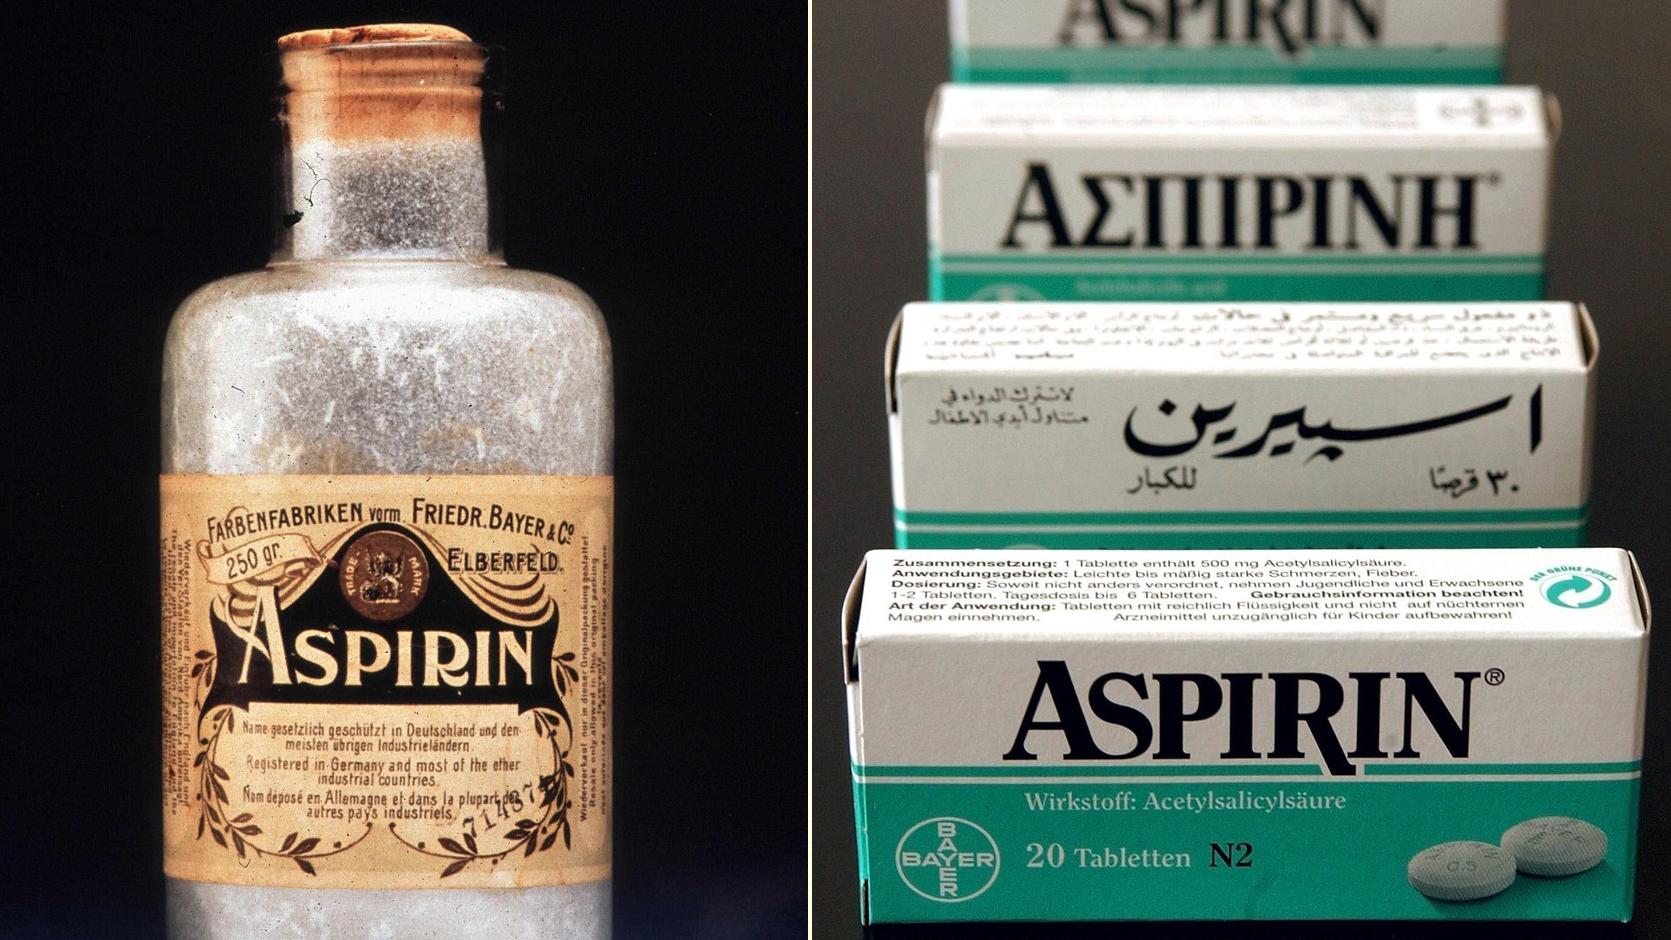 Zázračný lék, jehož účinky nikdo nedokázal vysvětlit   Zprávy   Tiscali.cz